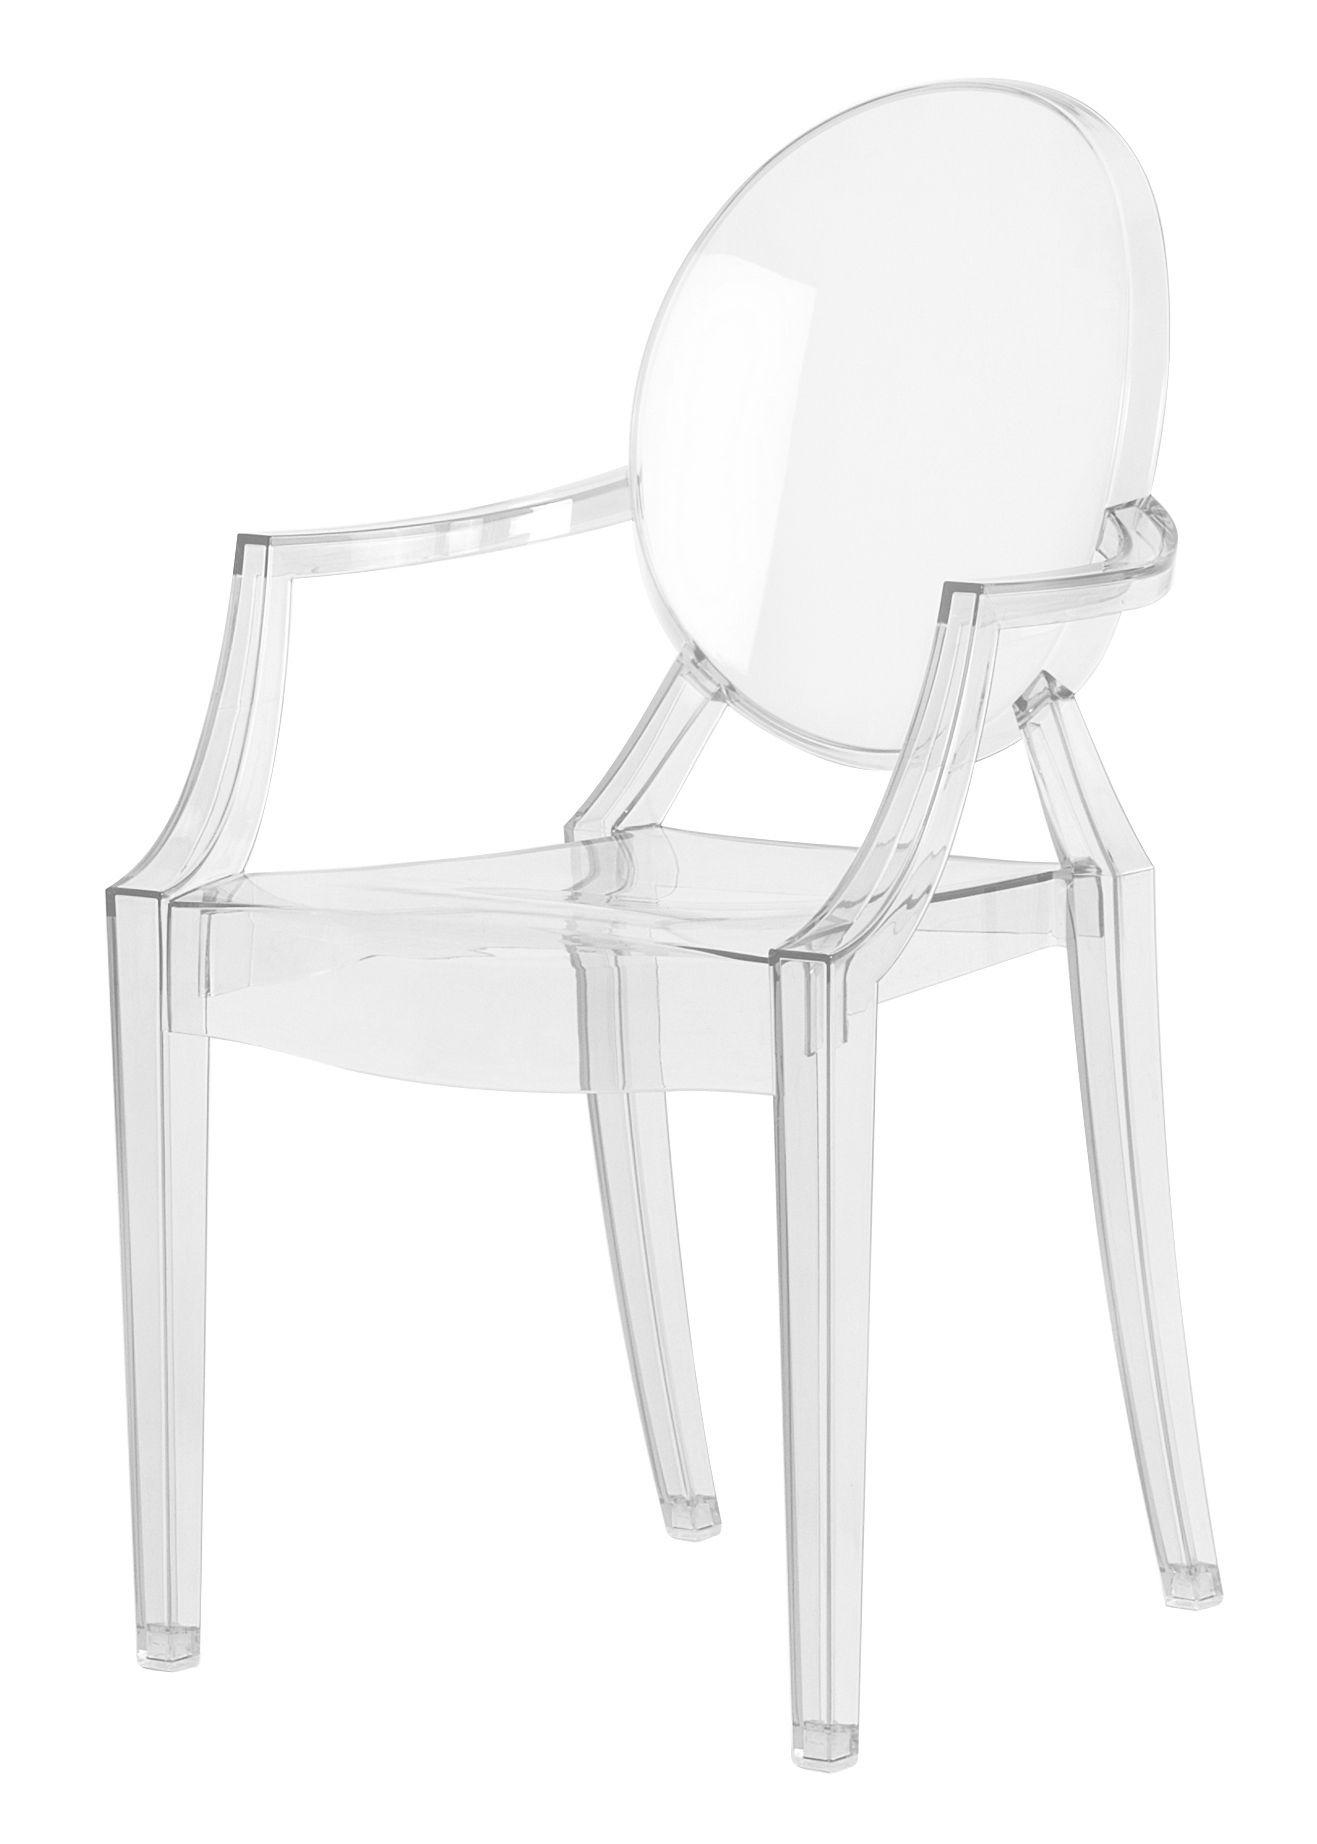 Möbel - Möbel für Kinder - Lou Lou Ghost Kindersessel - Kartell - Kristall - Polykarbonat